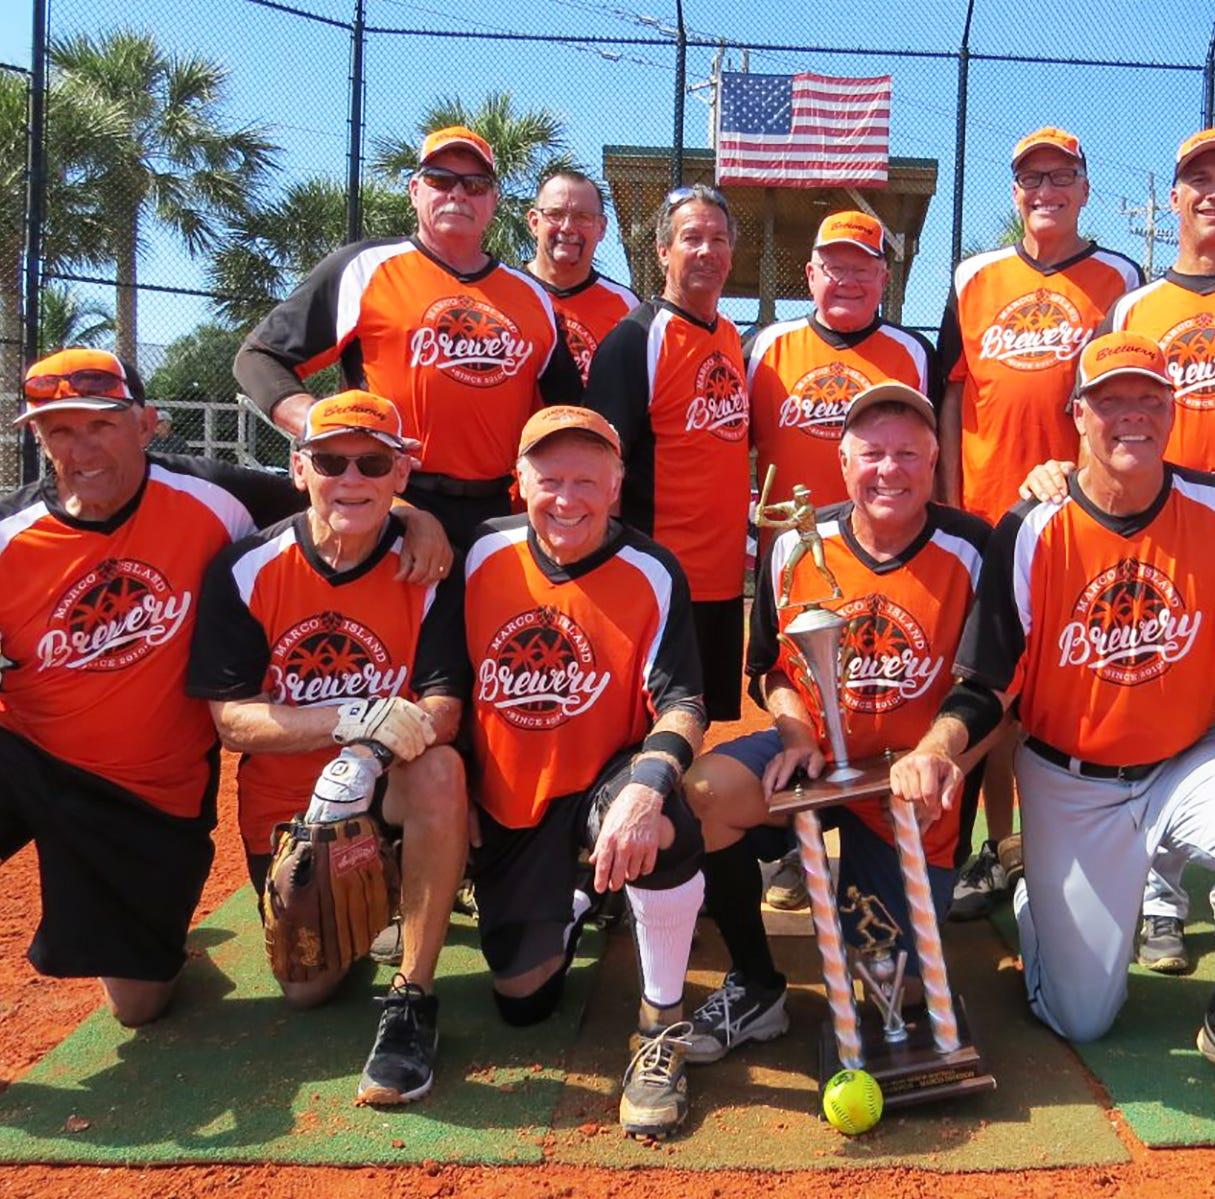 Senior Softball: Season play comes to an end